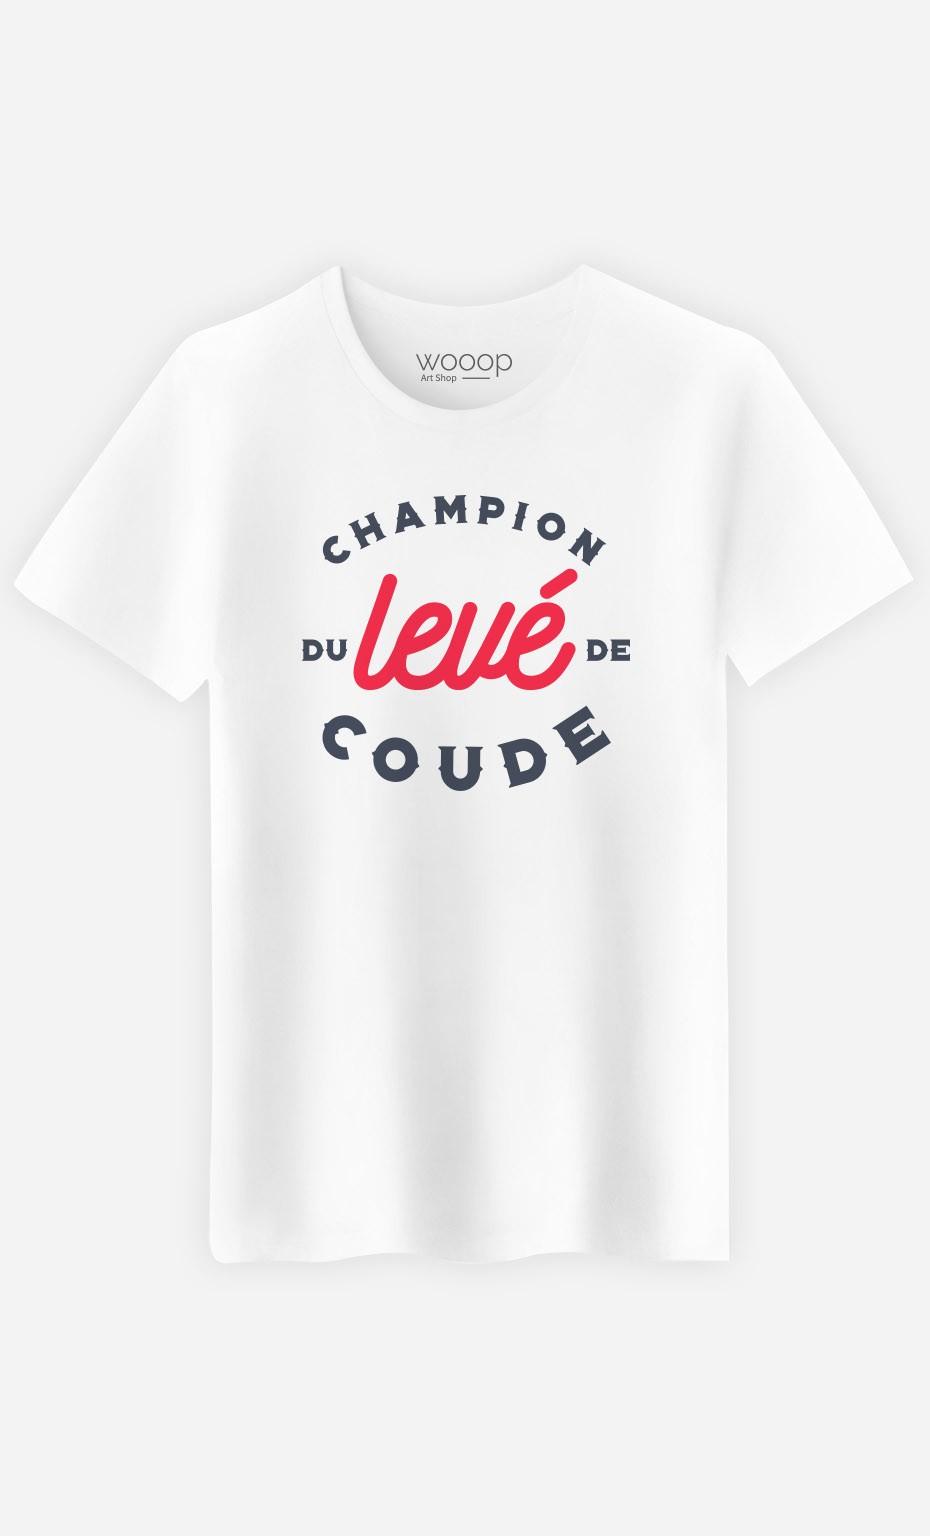 T-Shirt Champion Levé de Coude